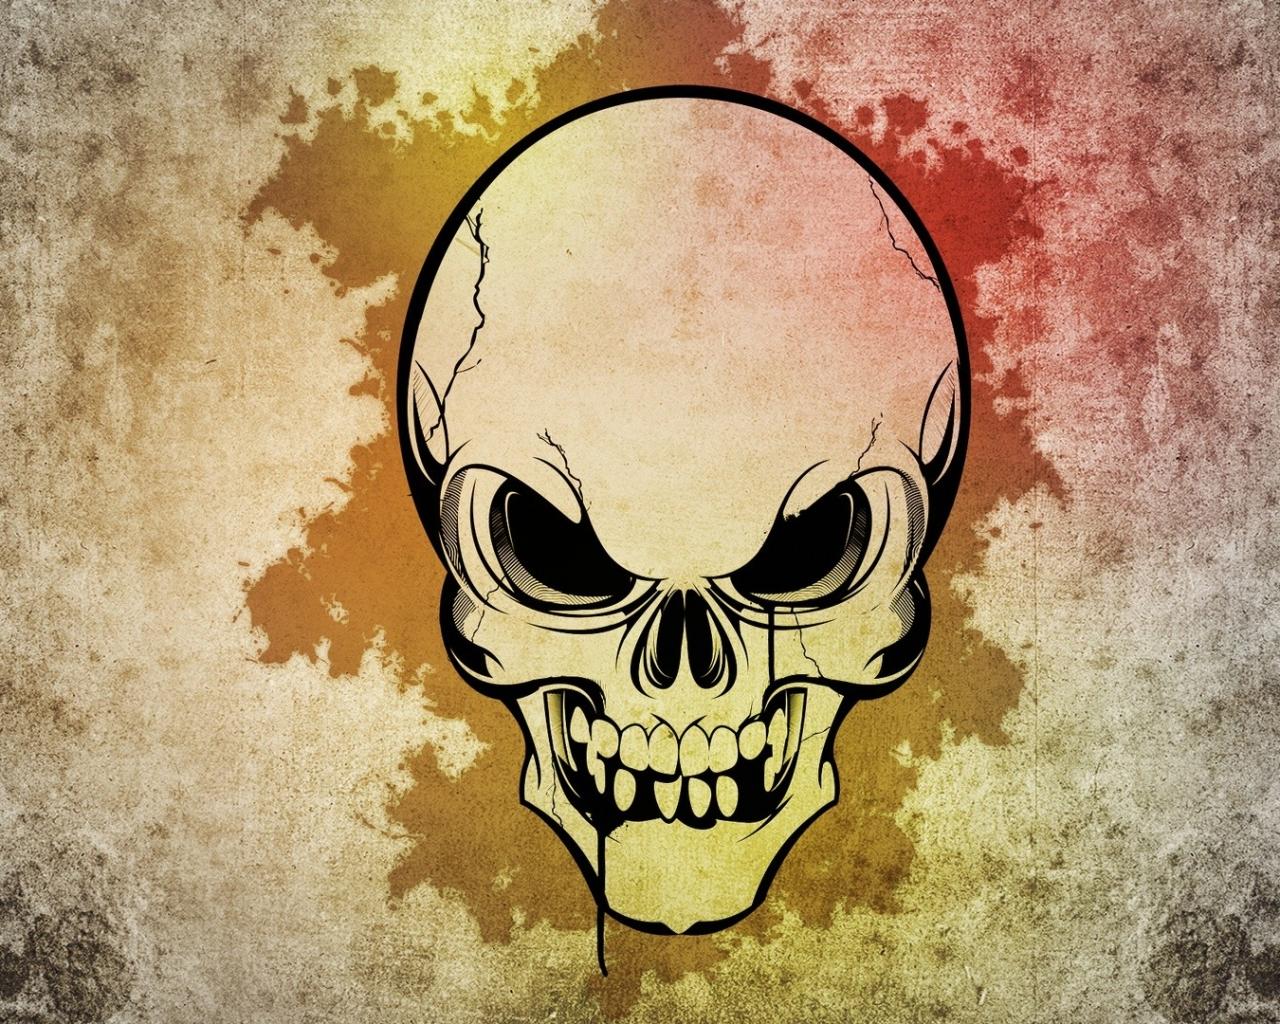 Cráneo - 1280x1024